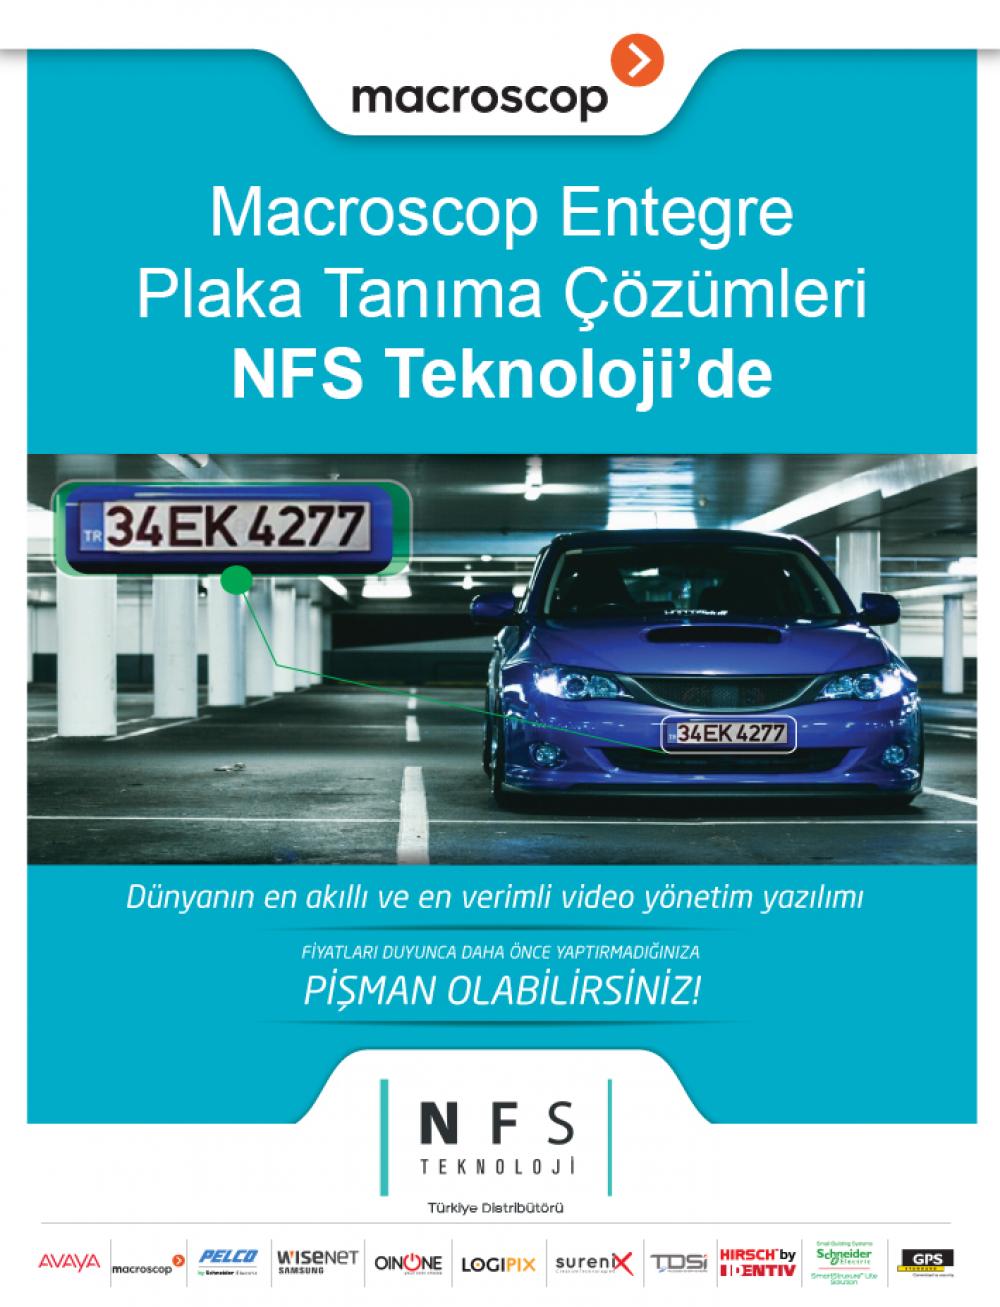 Macroscop Entegre Plaka Tanıma Çözümleri NFS Teknoloji de